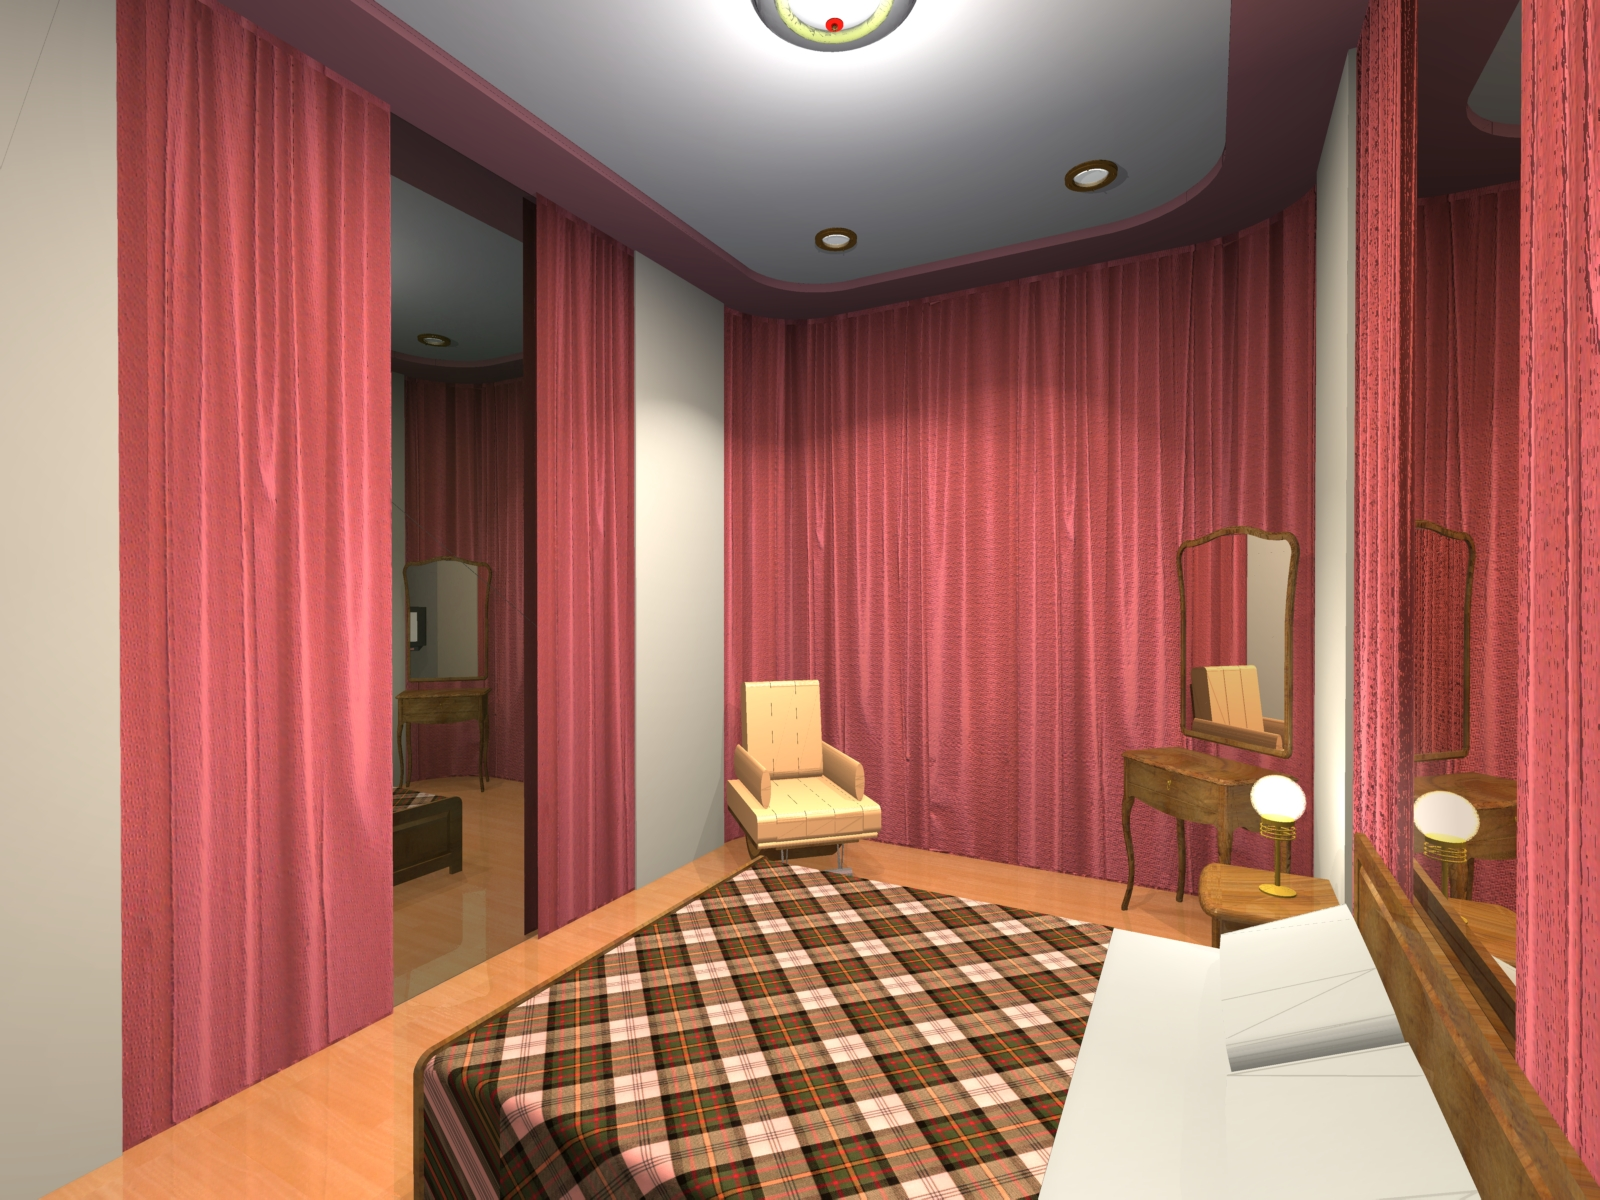 Cпальня б2#2